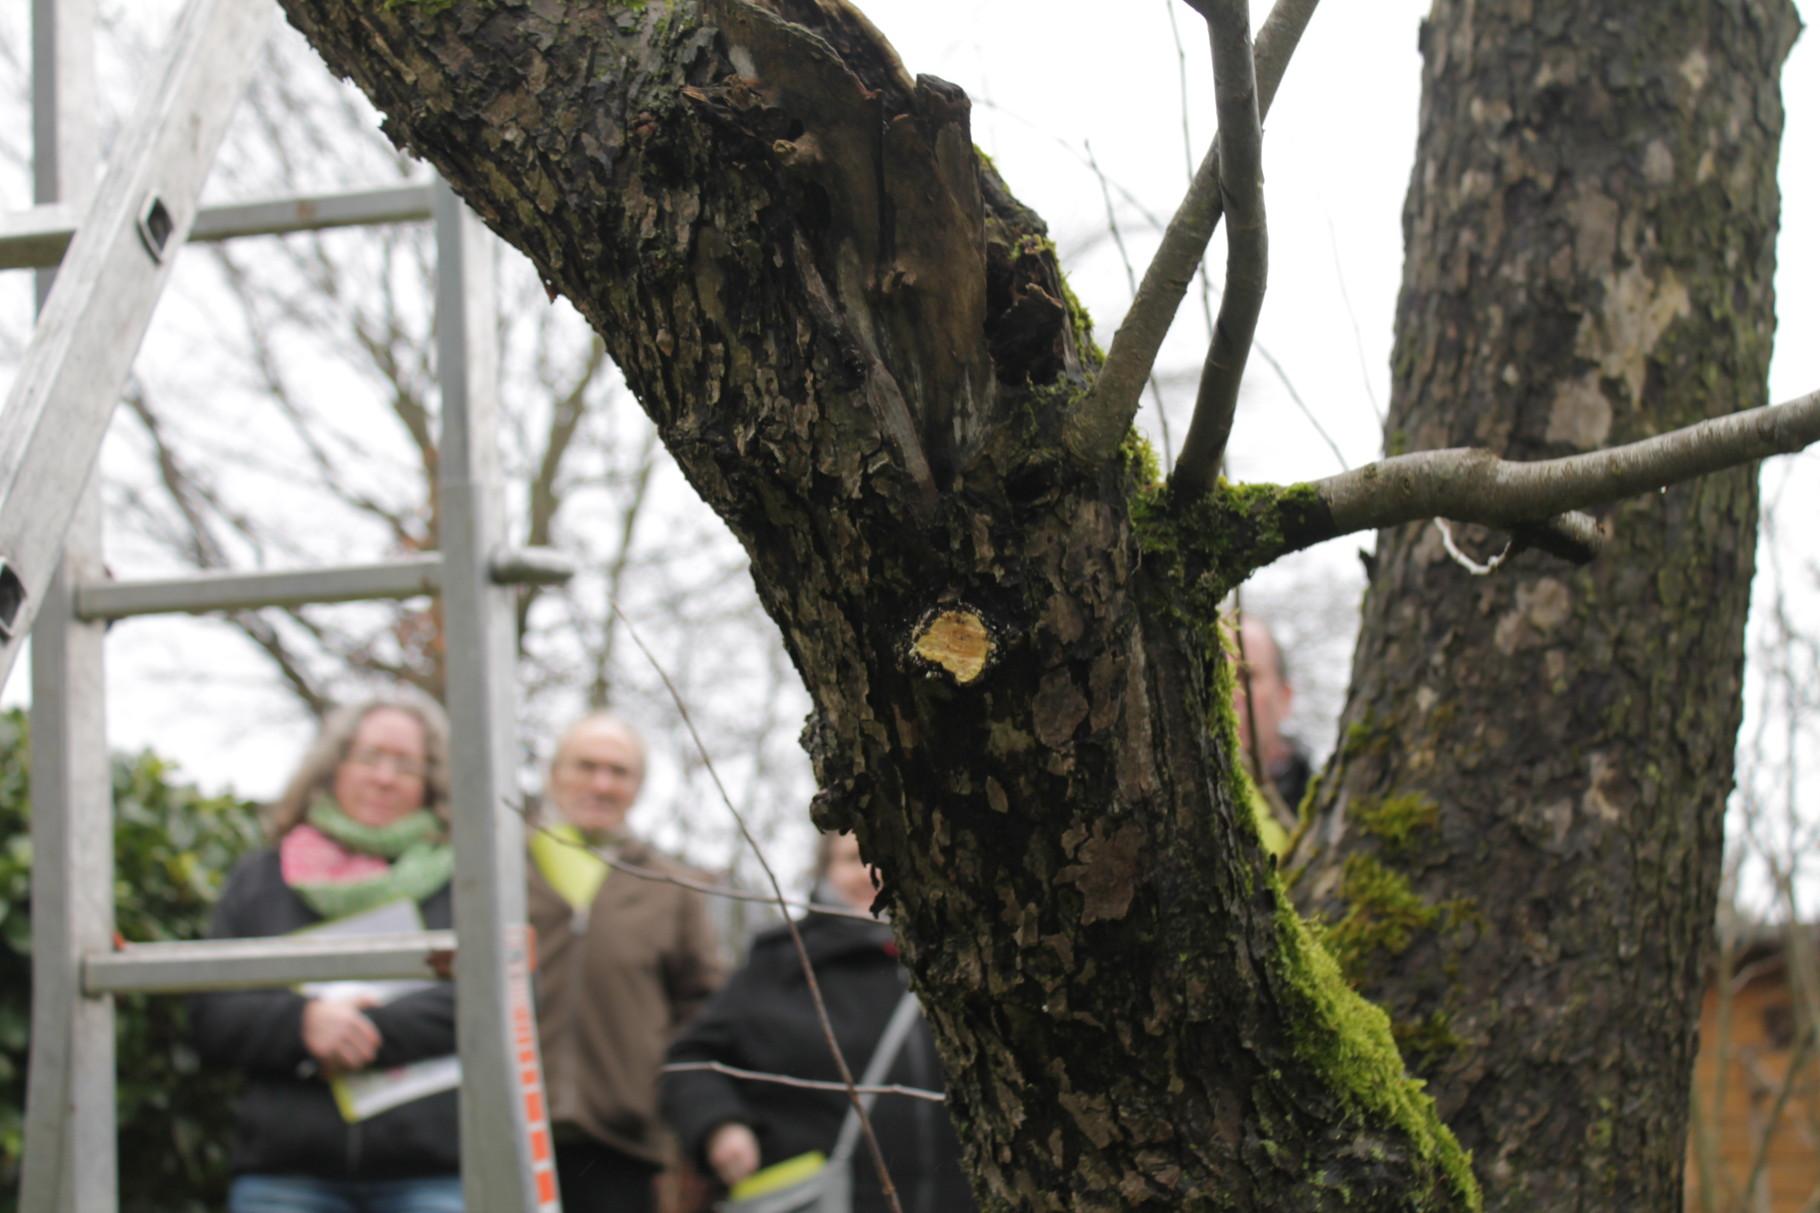 Baumschnitt mit scharfen Werkzeug ist wichtig. Die Schnitt-Durchmesser dürfen max. 10 Zentimeter groß sein